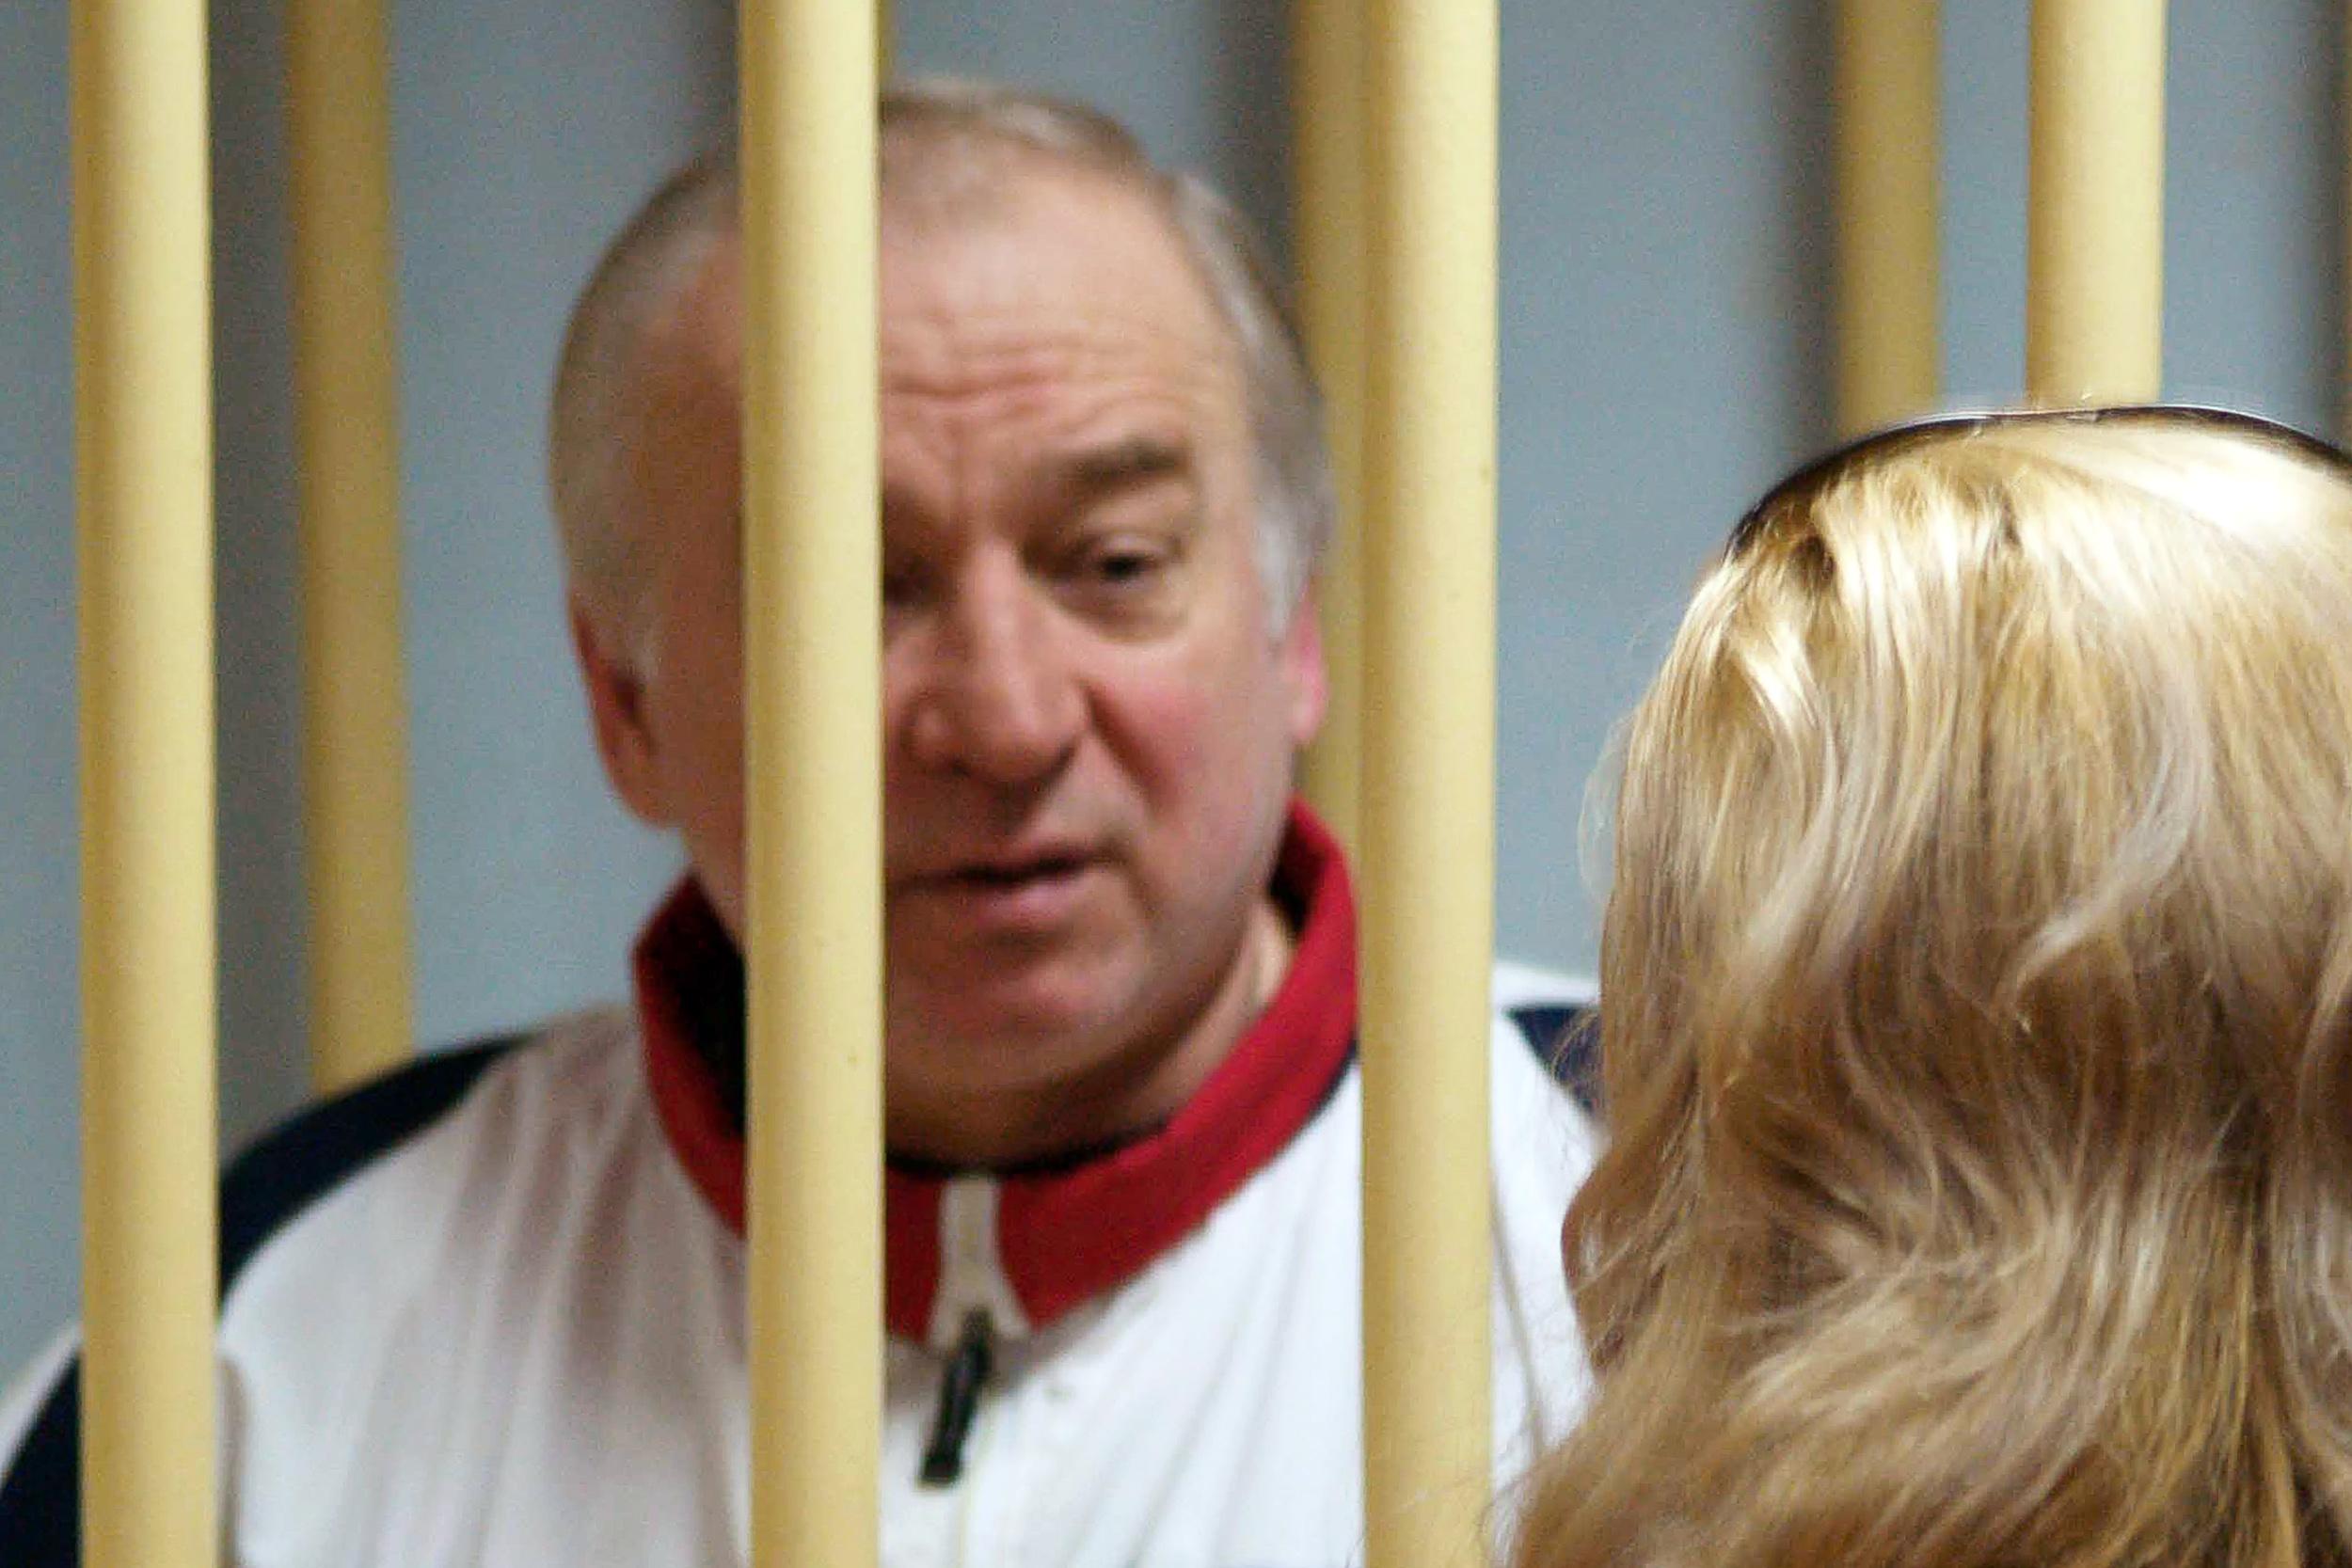 Egy közvéleménykutatás szerint az oroszok több mint negyede úgy gondolja, hogy a britek mérgezték meg Szkripalt